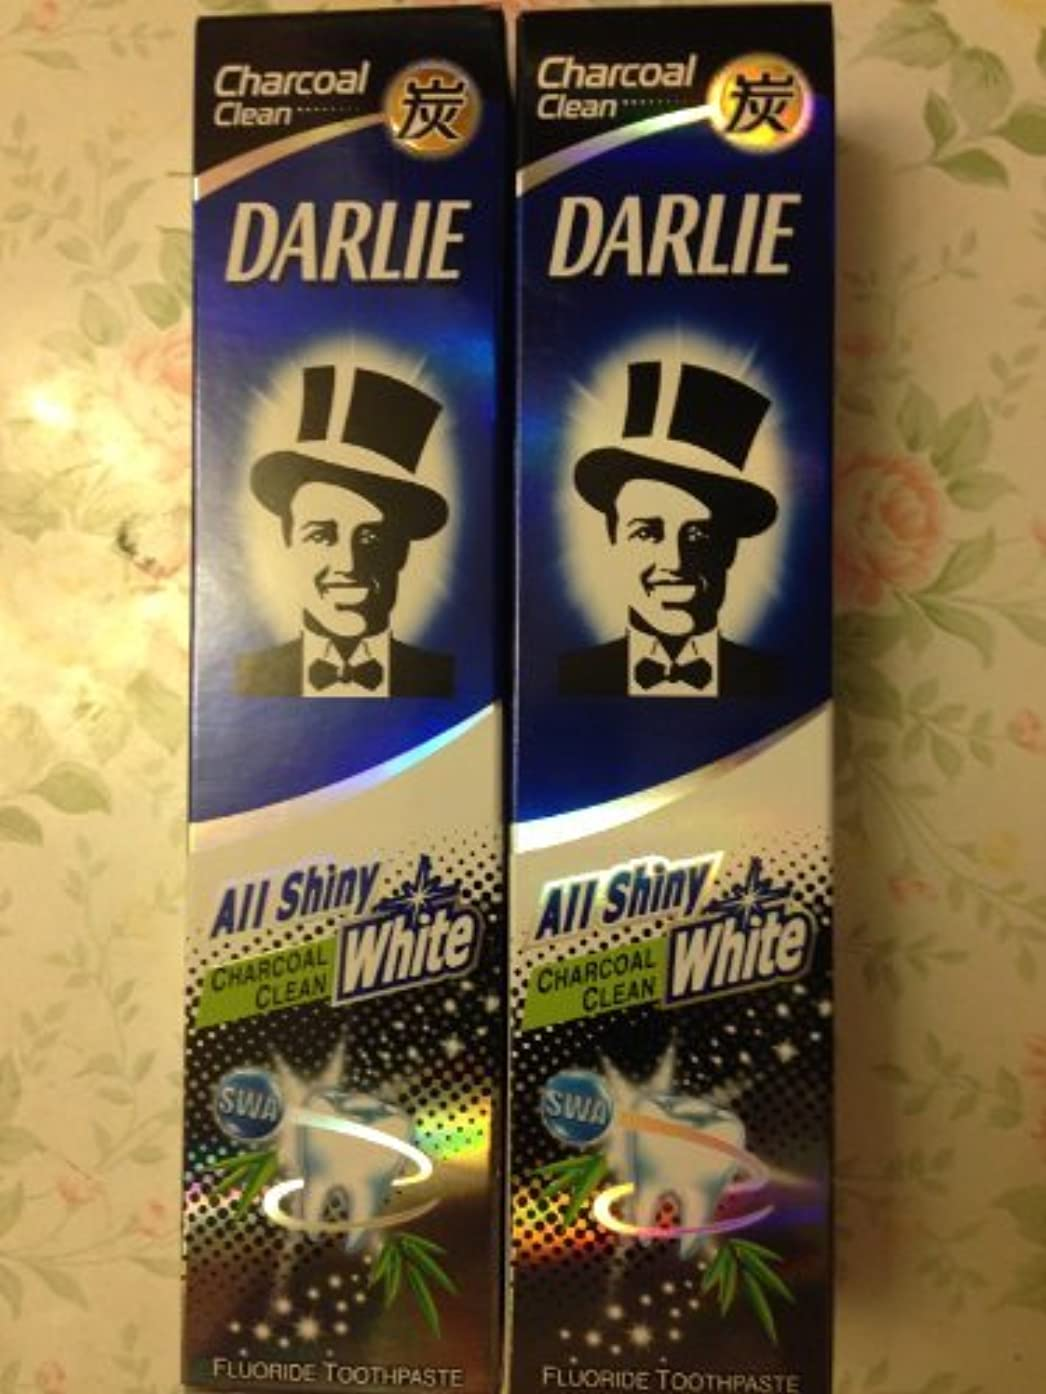 防ぐ乱暴なラバ2 packs of Darlie Charcoal All Shiny Whitening Toothpaste by Darlie